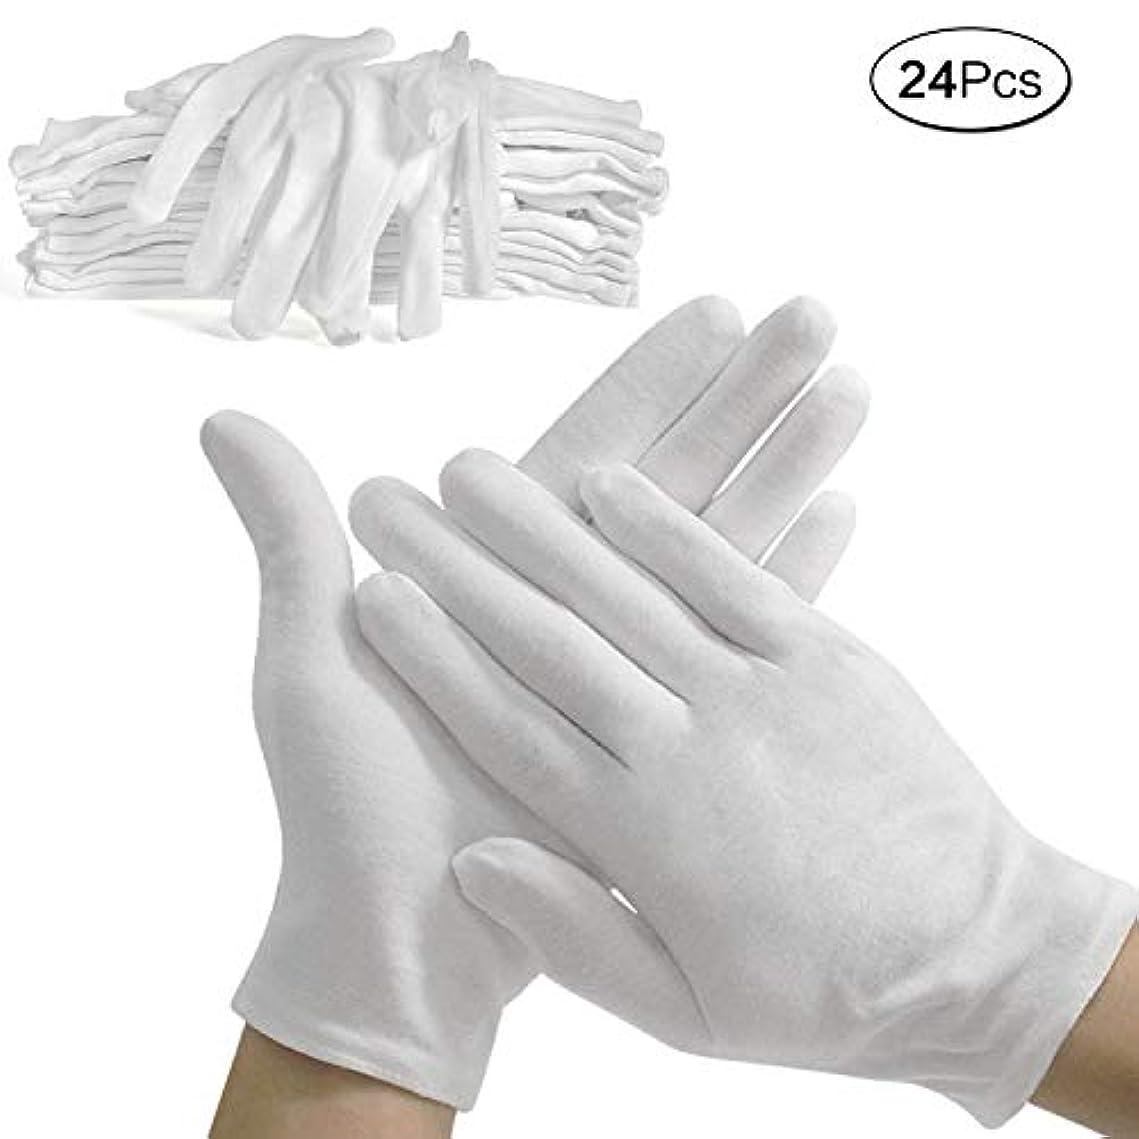 対応する夫婦ジョージハンブリー使い捨て手袋 綿手袋 コットン手袋 純綿100% 薄手 白手袋 メンズ レディース 手荒れ防止 おやすみ 湿疹用 乾燥肌用 保湿用 礼装用 作業用 24PCS(白, L)